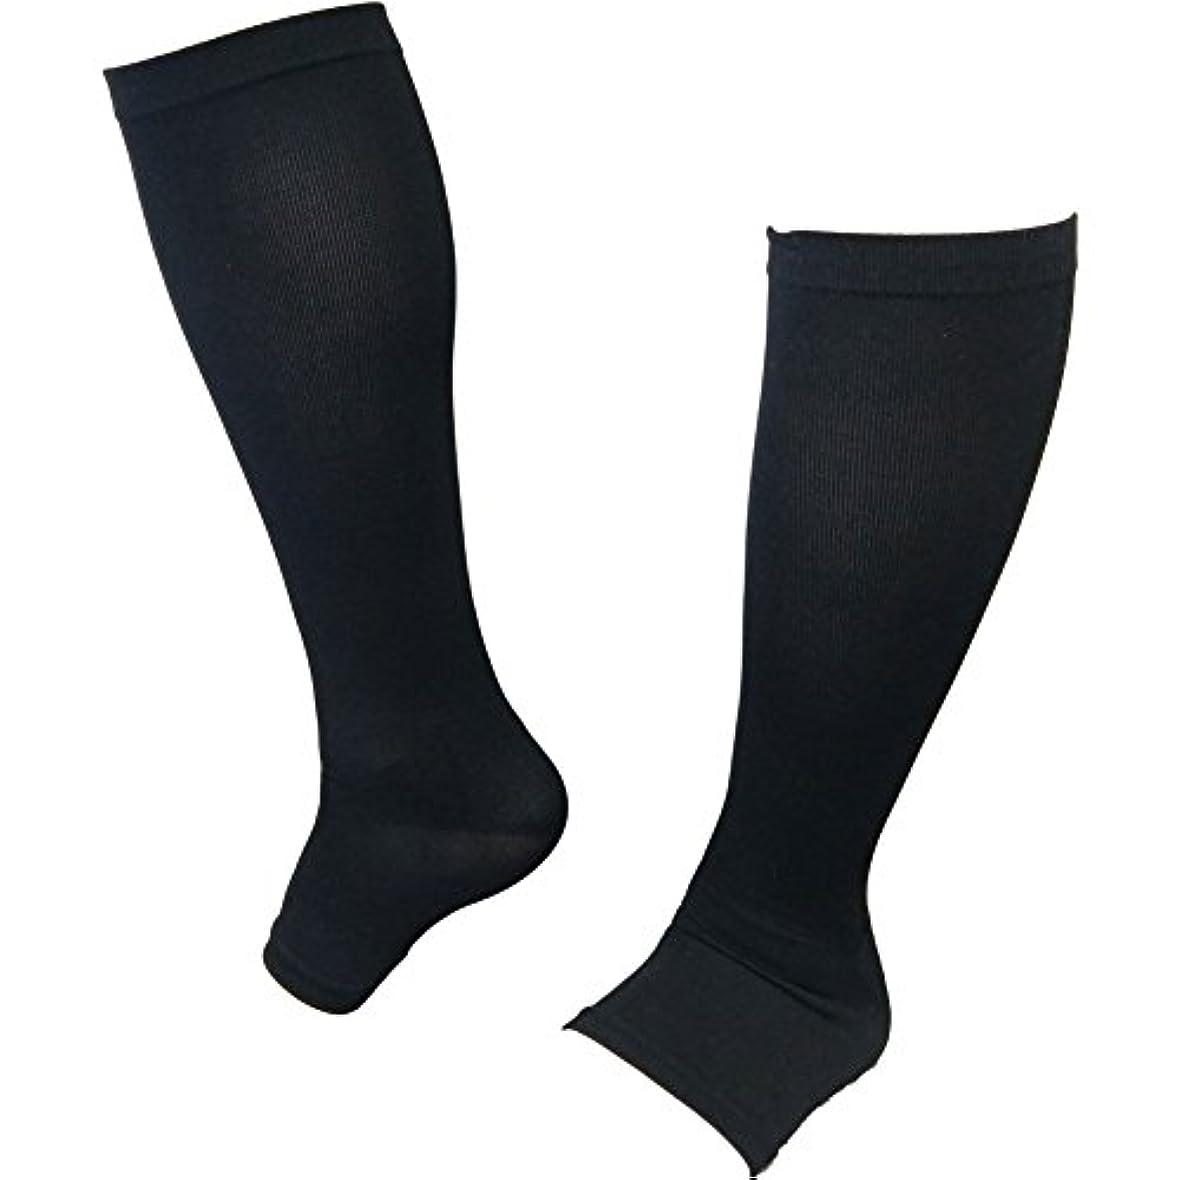 アプト失望副産物スパルタックス メンズ着圧ソックス 加圧ソックス 靴下 男性用 着圧 ひざ下 コンプレッション オープントゥ ソックス 強圧サポート むくみ対策 黒 ブラック